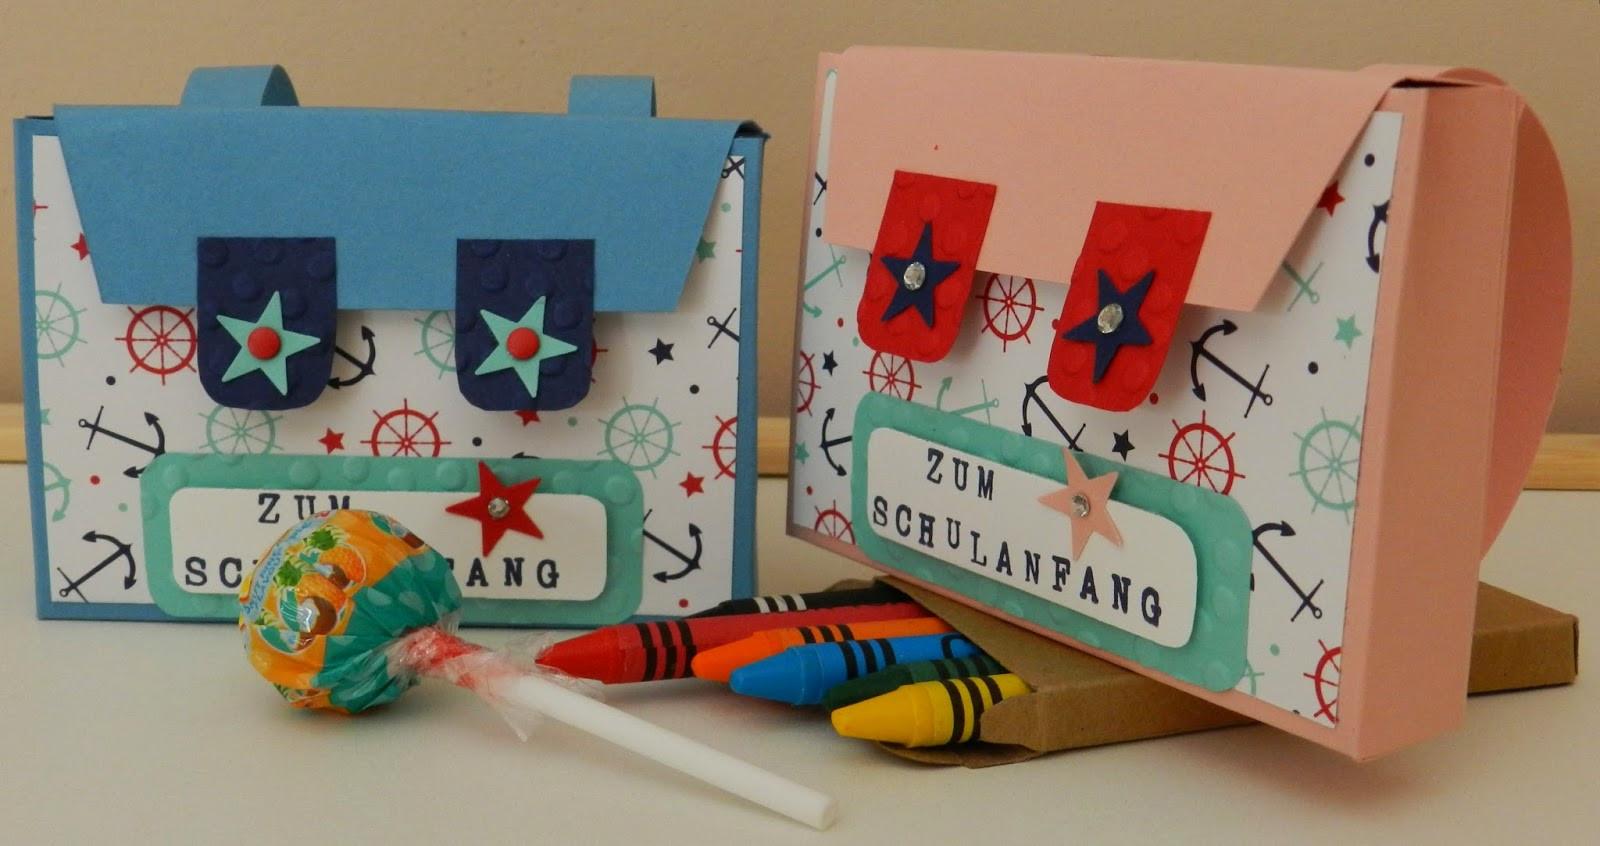 Schulstart Geschenke  Stempelhandwerk Kleiner Schulranzen zum großen Schulstart